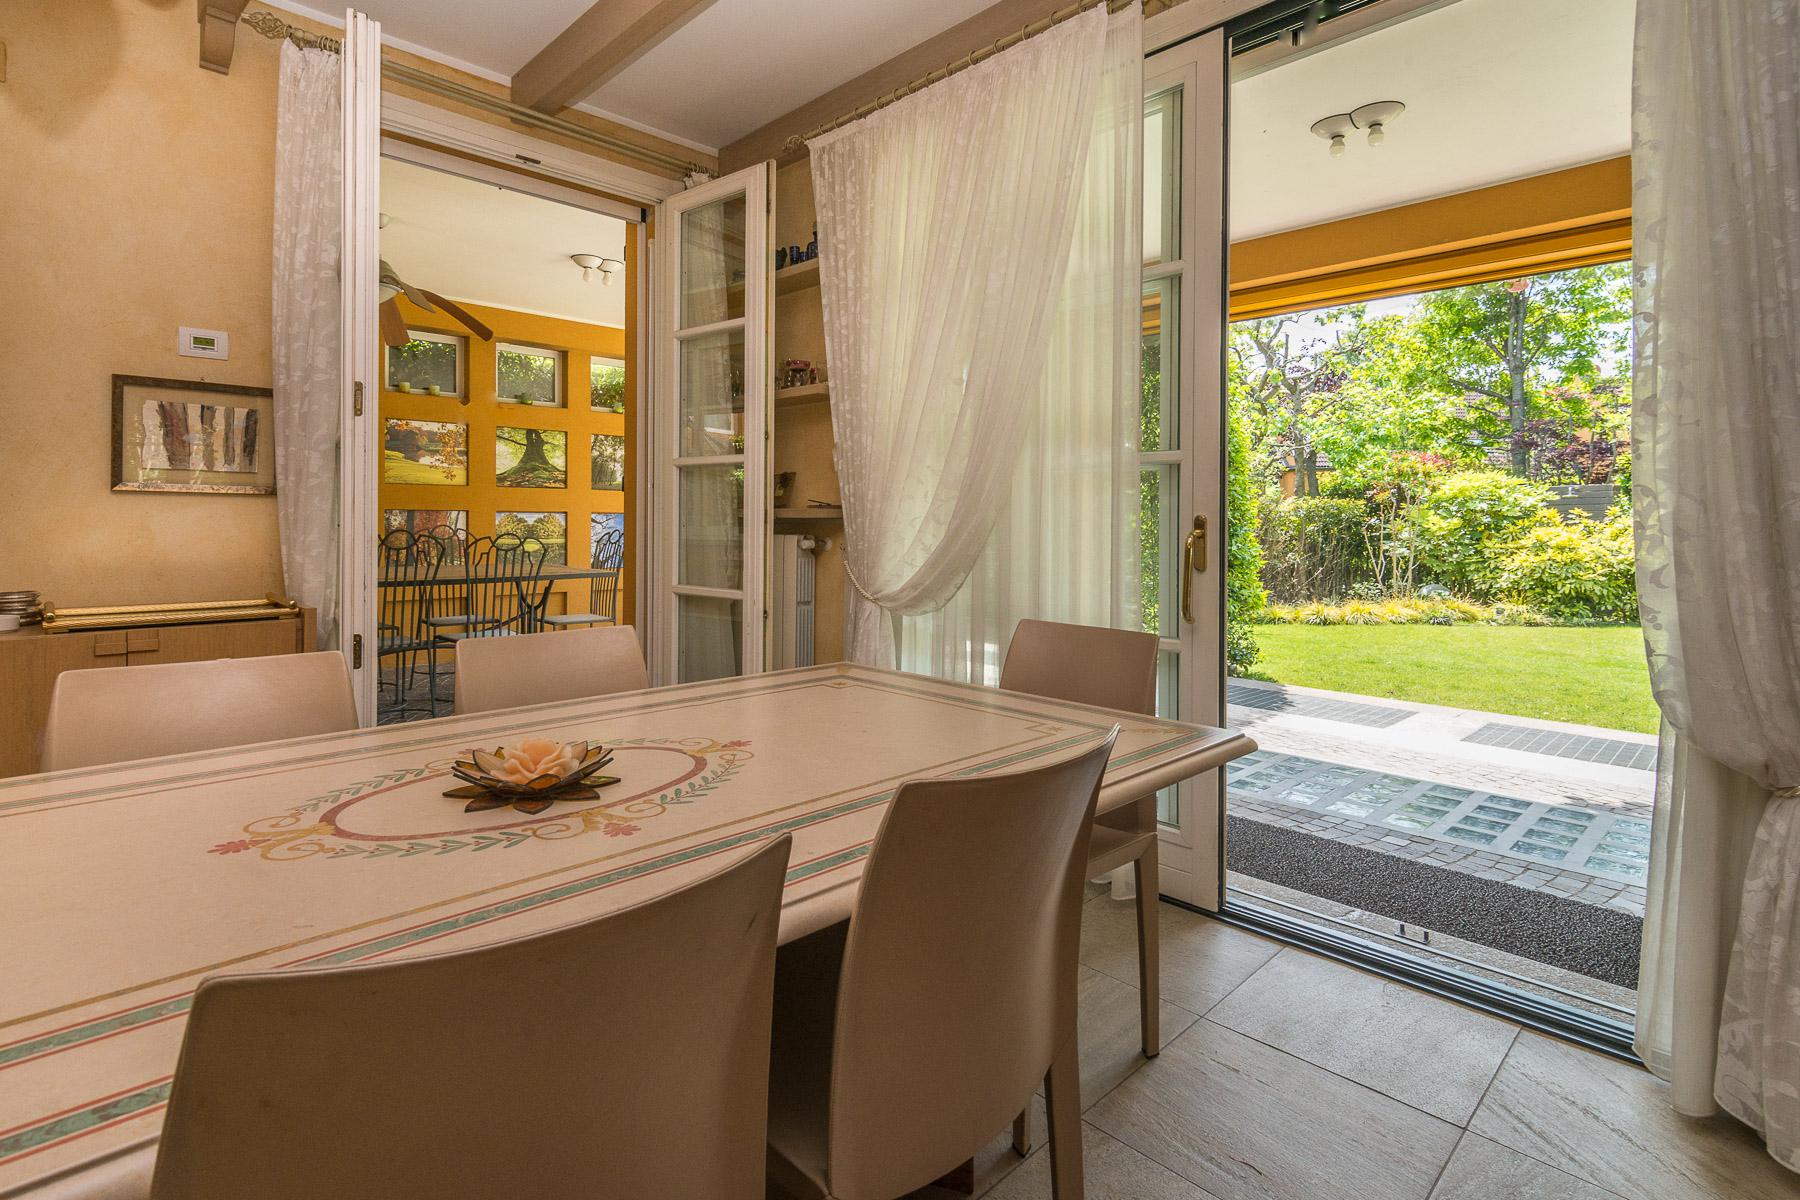 Villa in Vendita a Agrate Conturbia: 5 locali, 300 mq - Foto 16